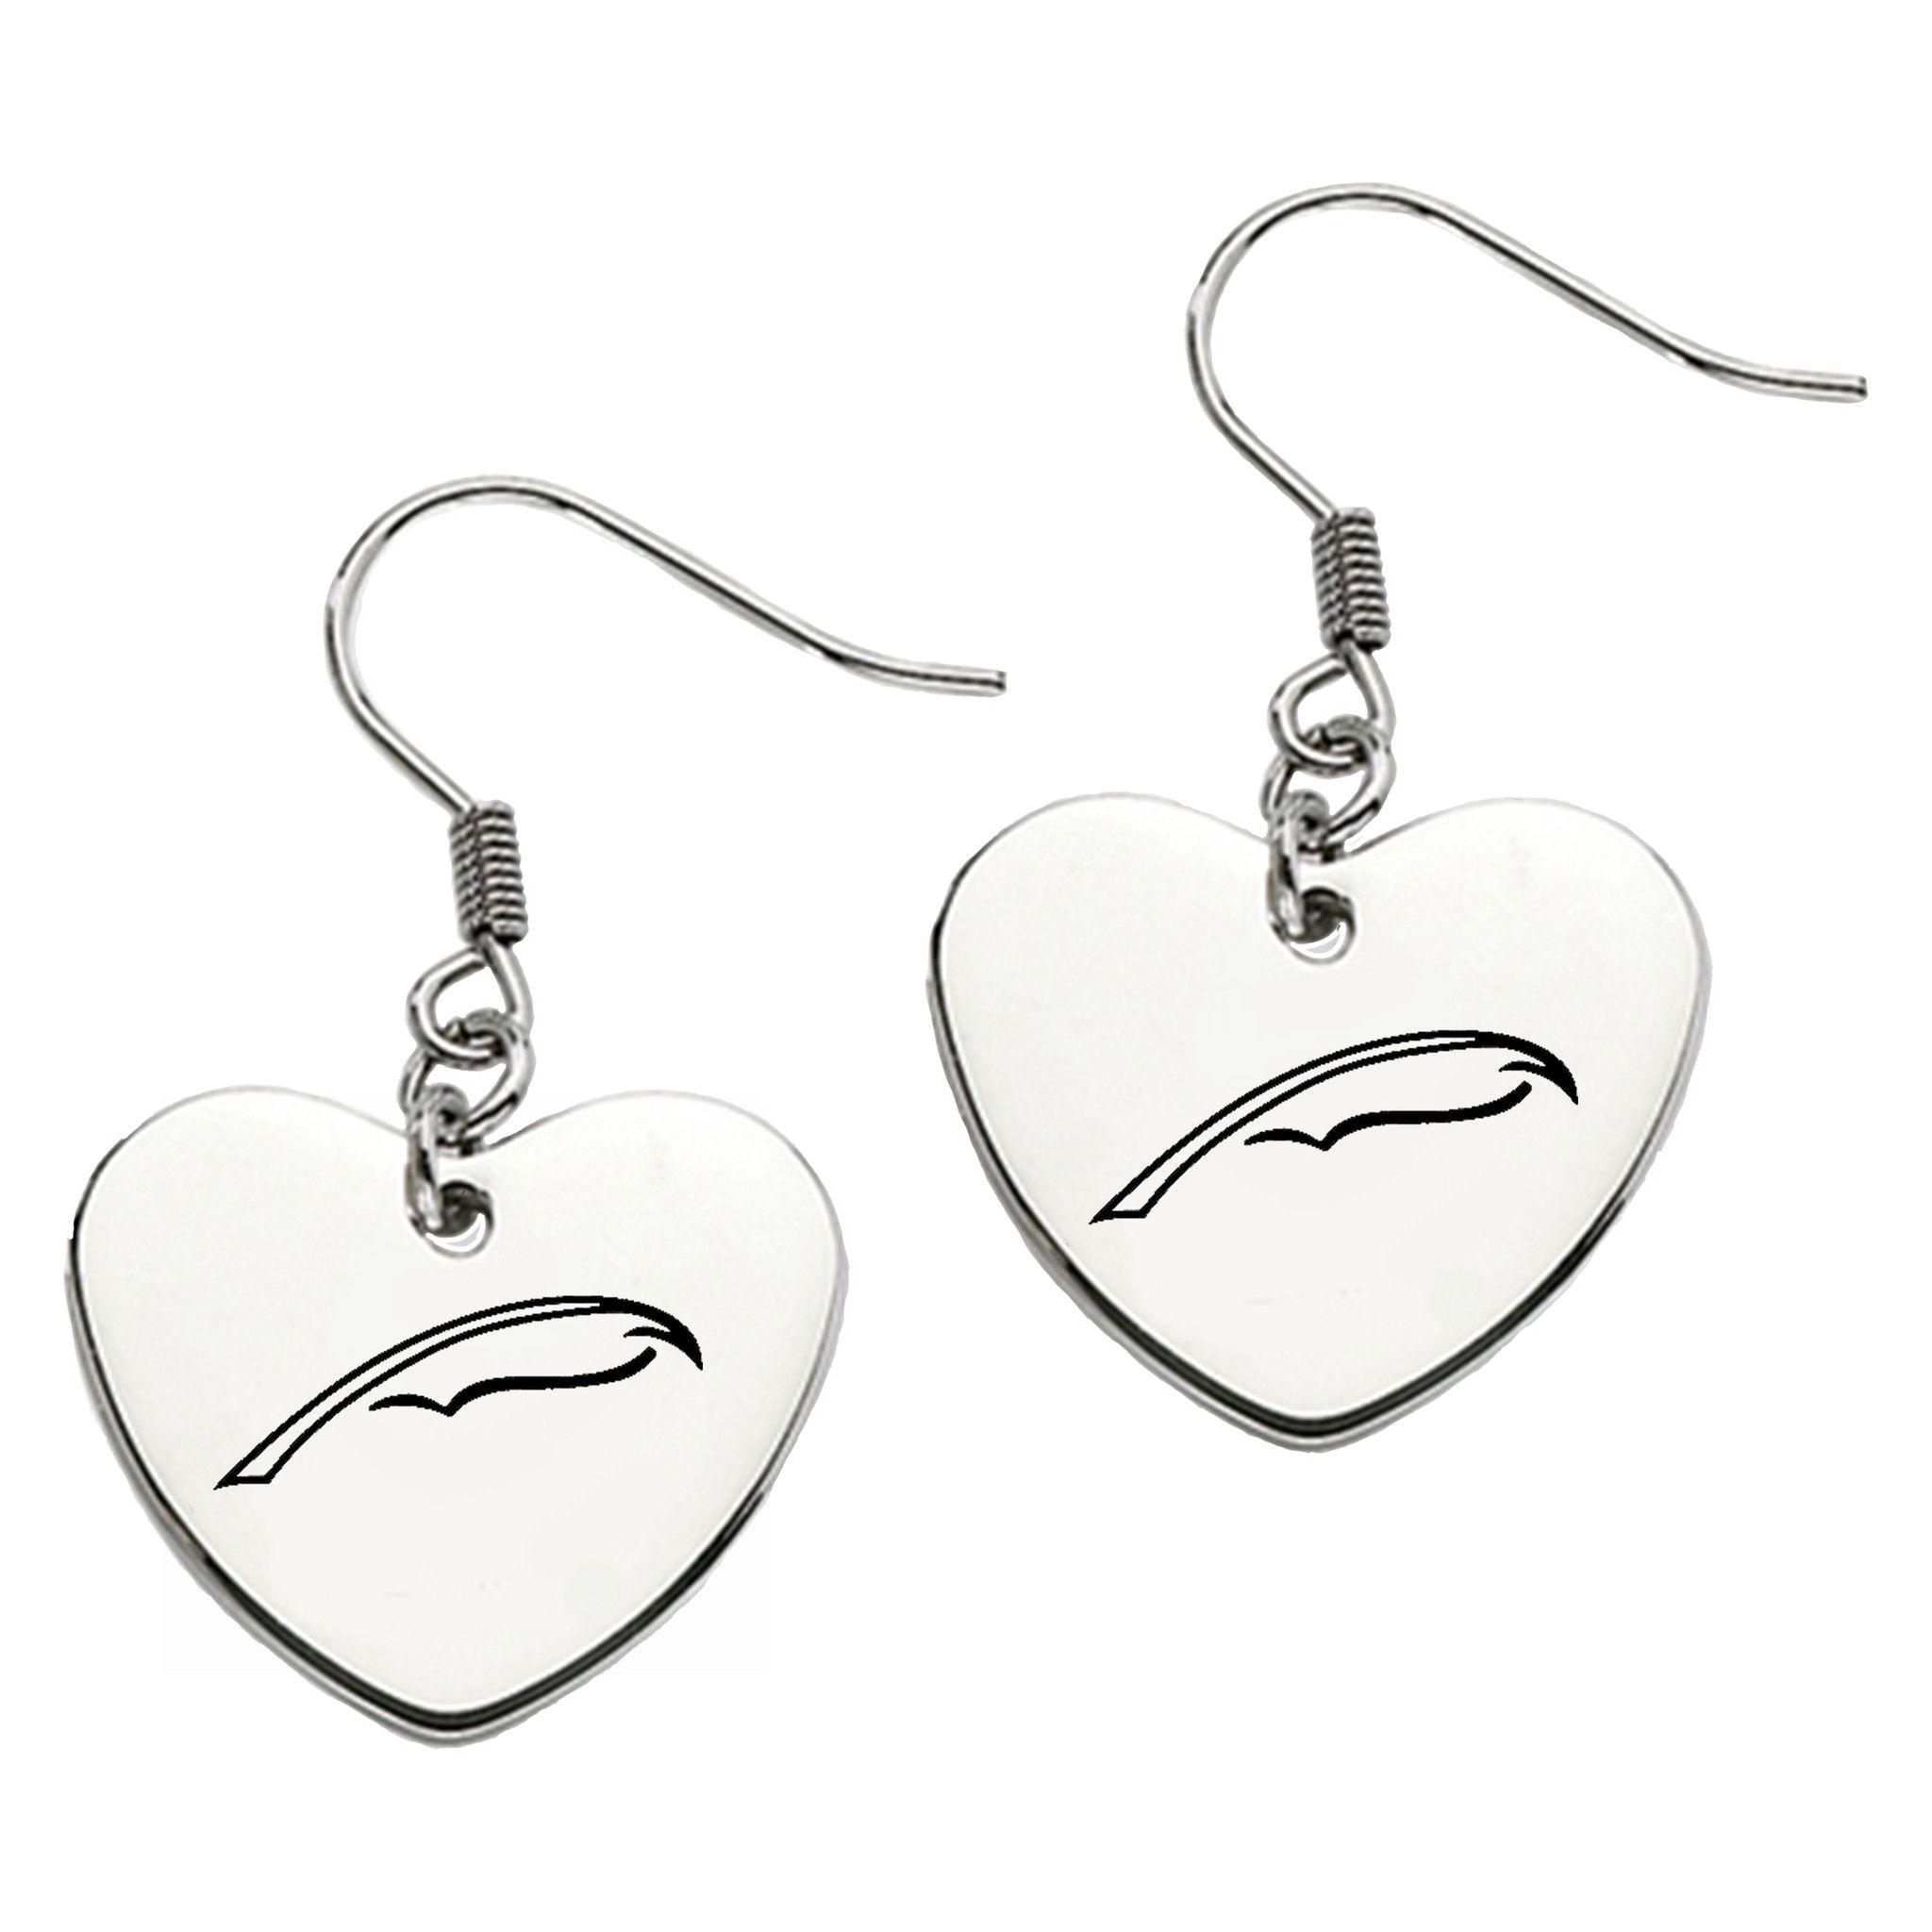 Alpha xi delta symbol heart shape drop earrings drop earrings alpha xi delta symbol heart shape drop earrings biocorpaavc Gallery